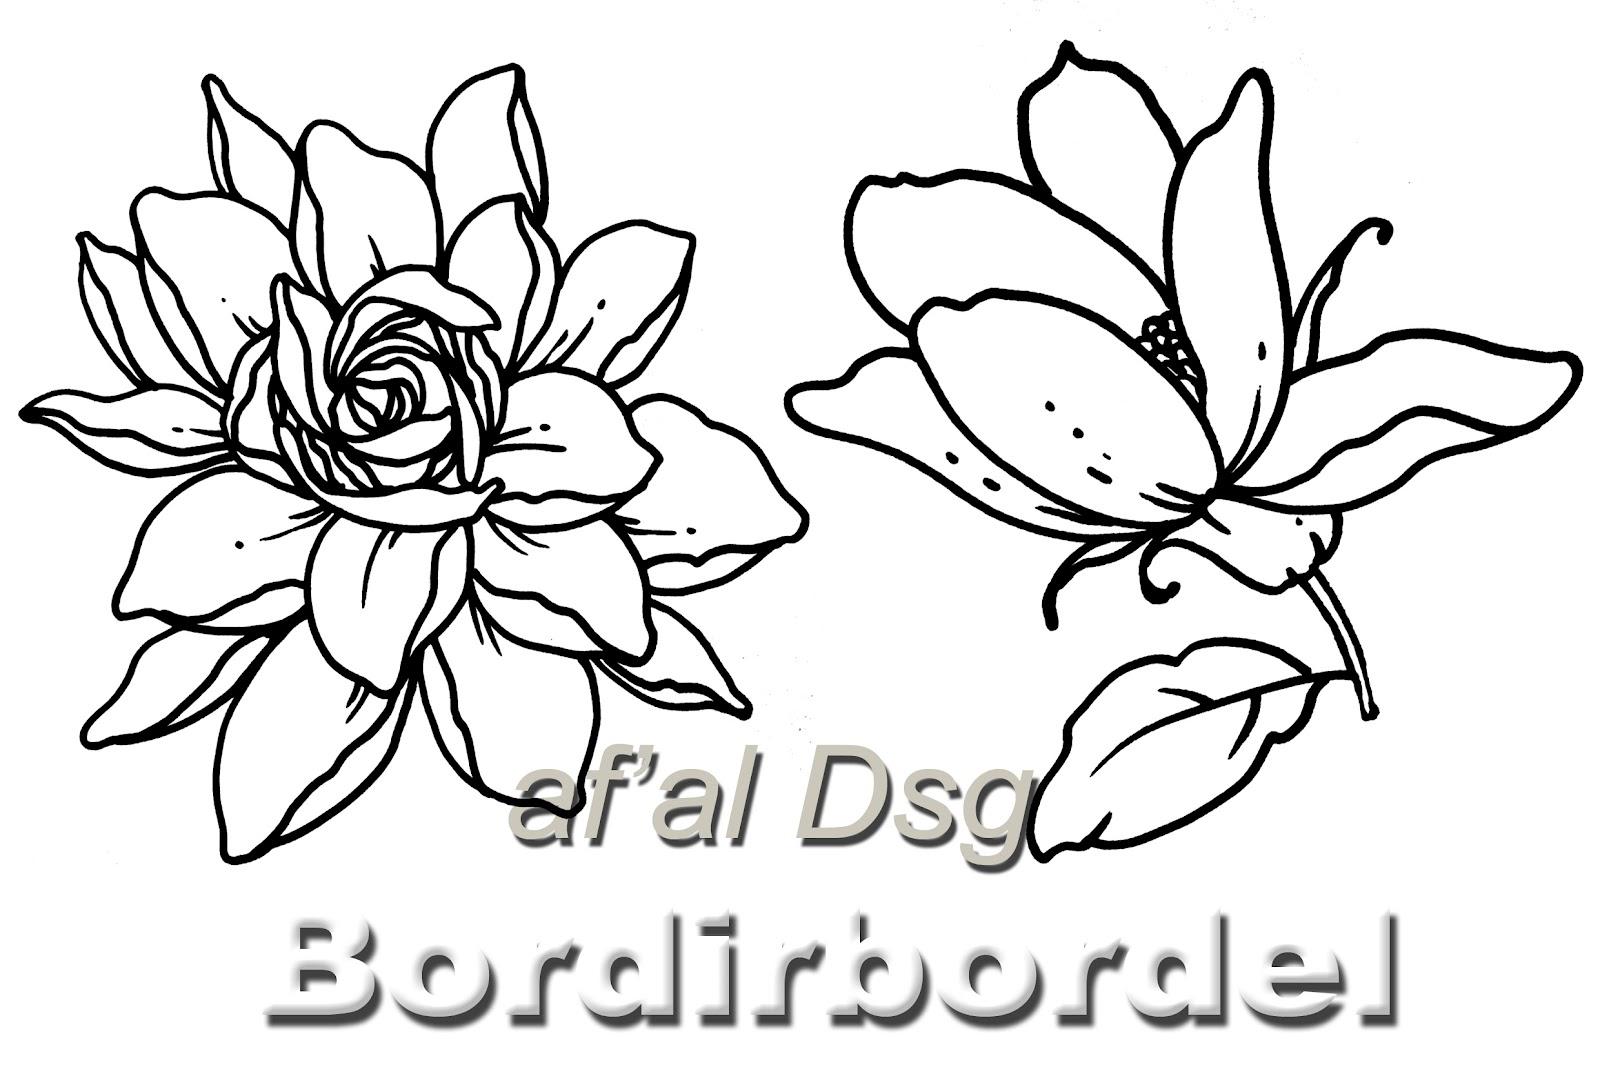 Contoh Gambar Motif Bunga Untuk Bordir Bordir